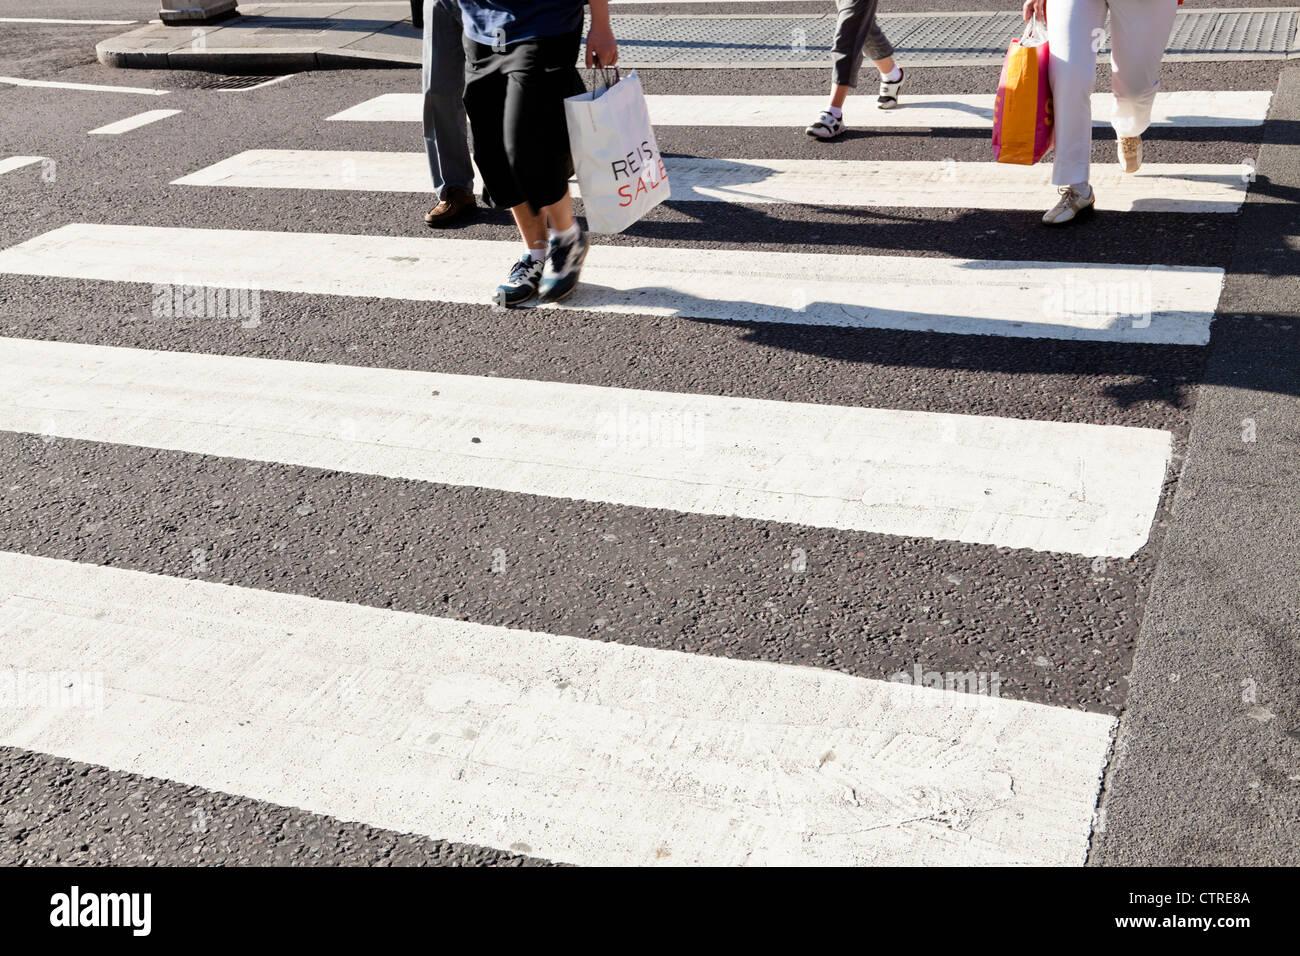 Menschen beim Überqueren der Straße an einem Zebrastreifen, England, UK Stockbild